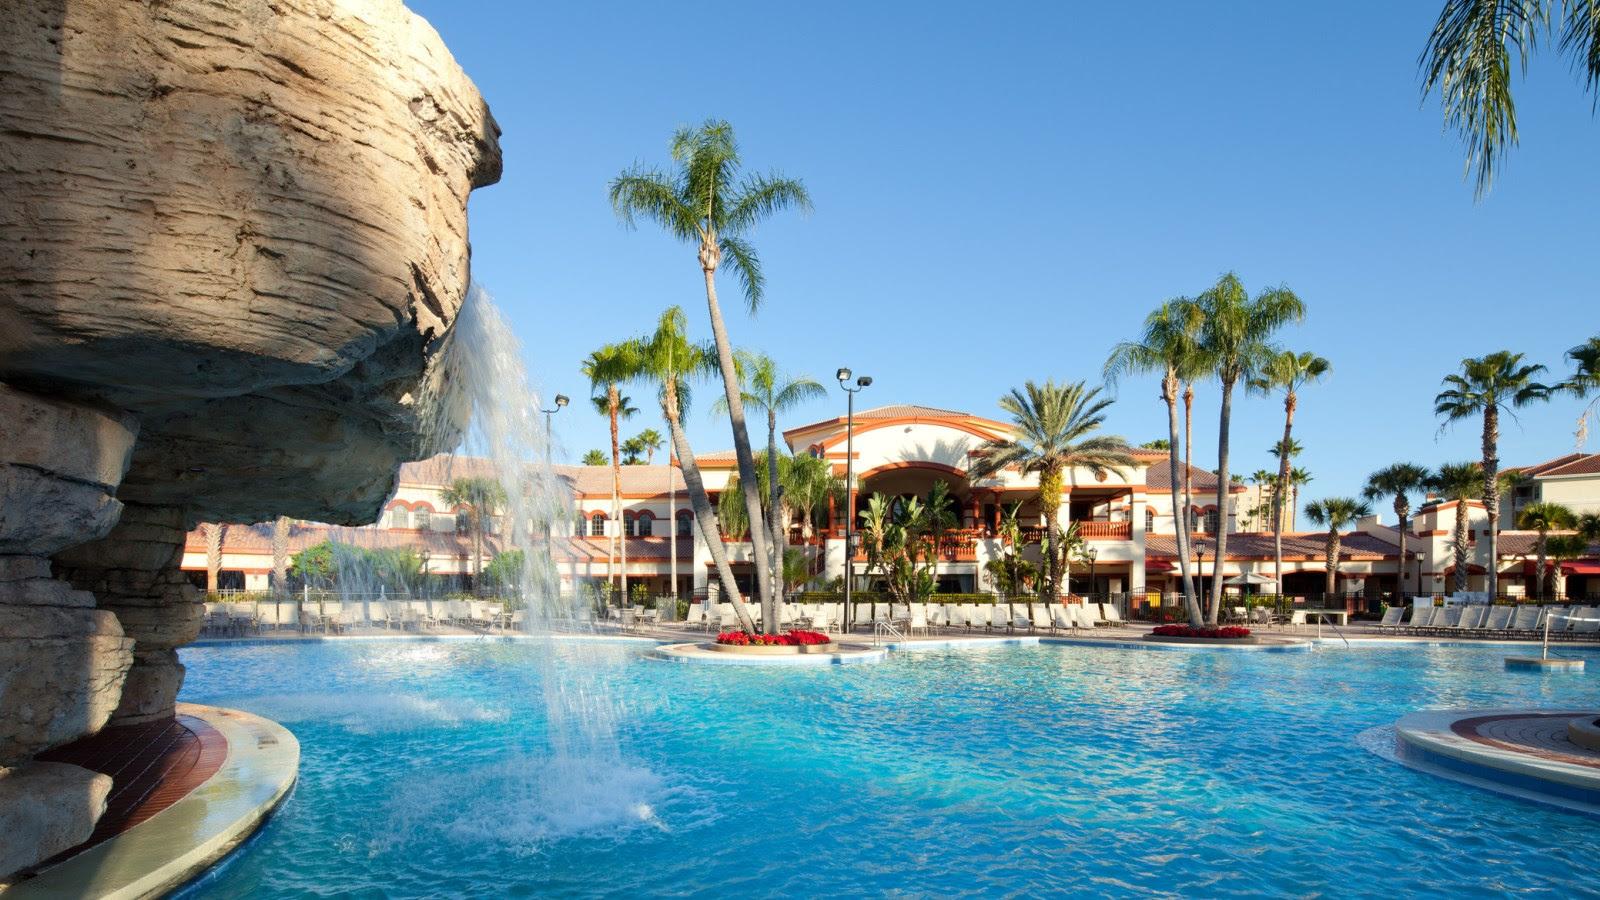 Resort Pools  Sheraton Vistana Villages Resort Villas